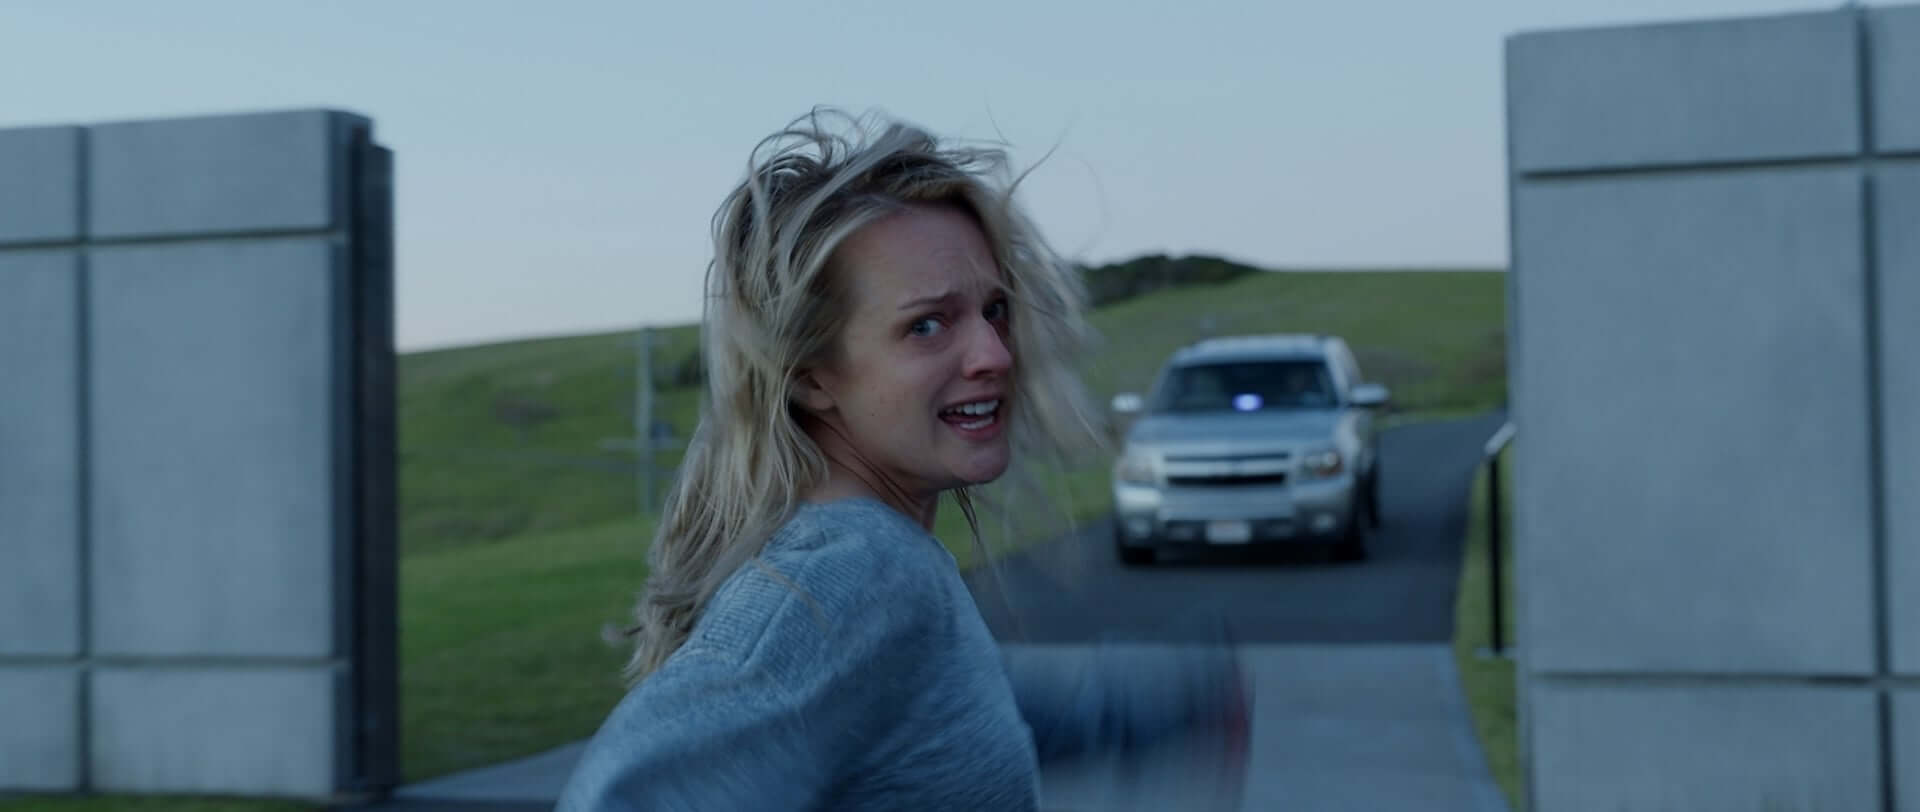 『透明人間』監督リー・ワネルの素顔とは…恐怖の舞台裏に迫るメイキング入り特別映像が公開! film200710_toumei-ningen_4-1920x812